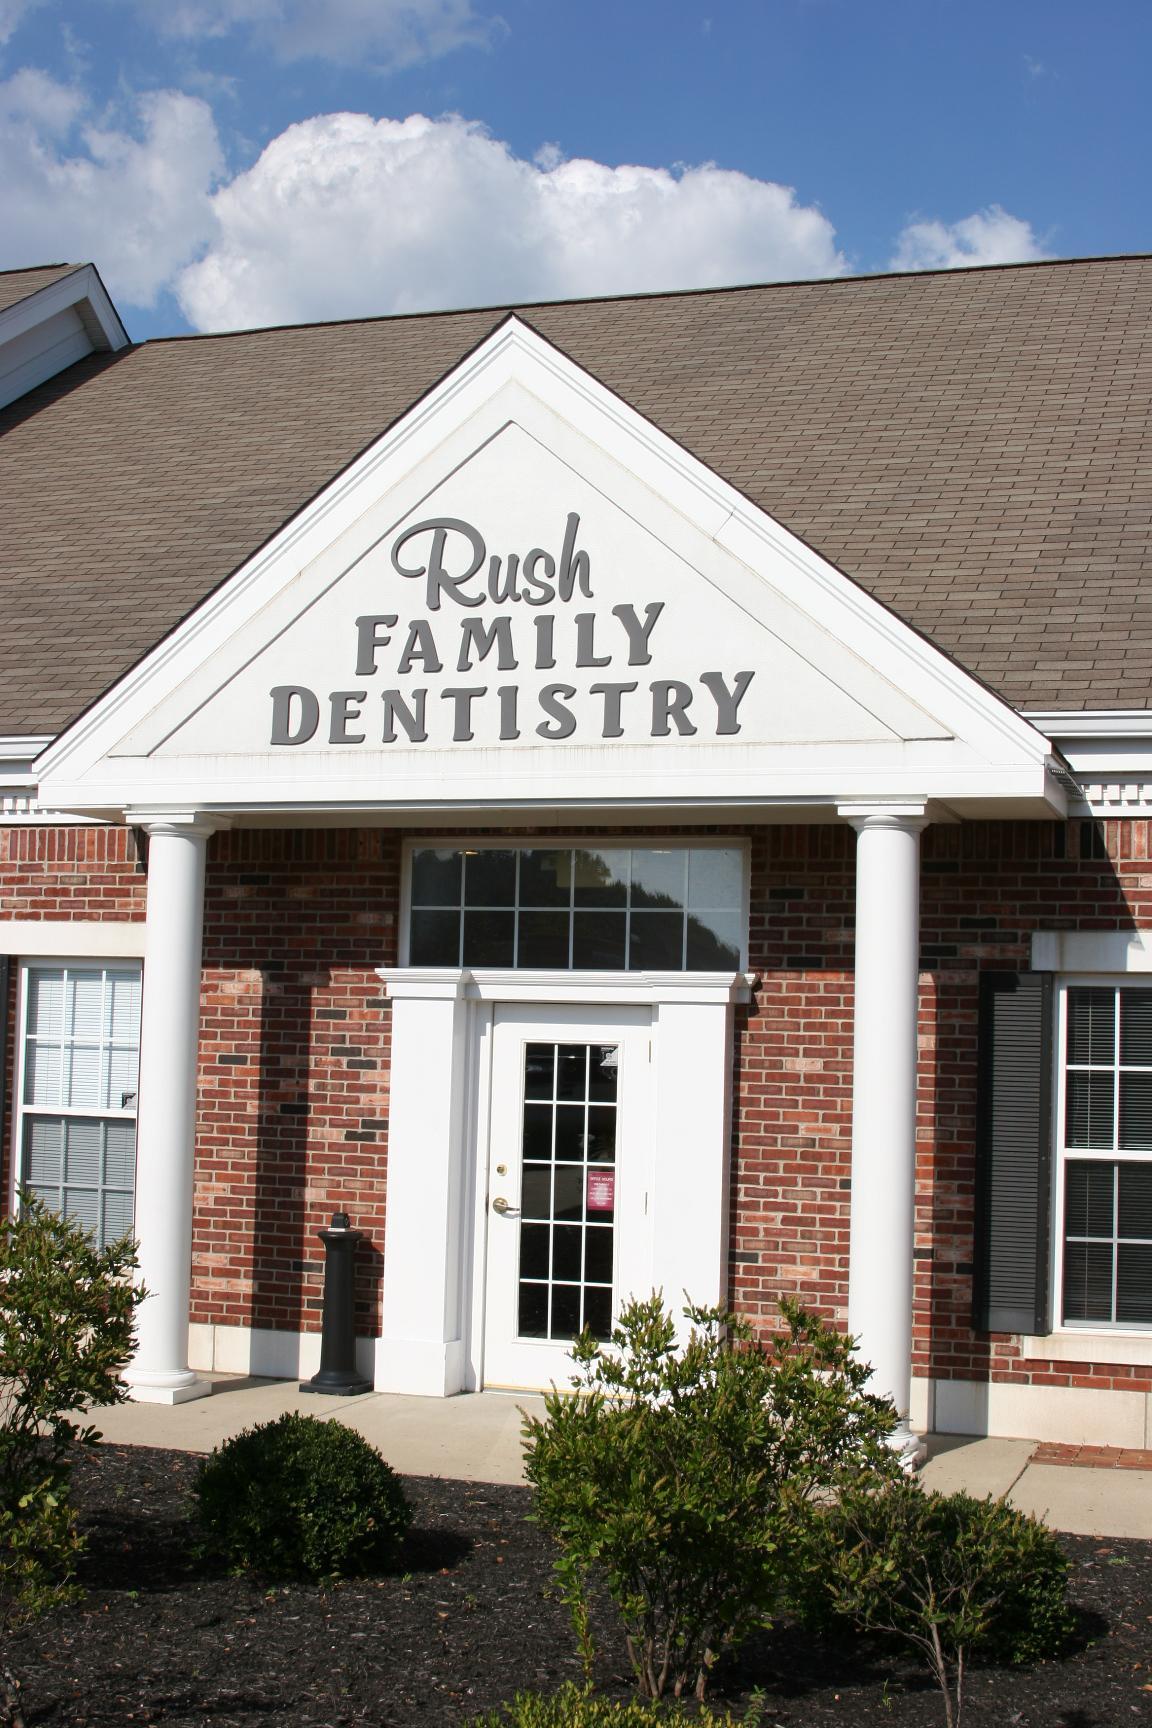 Rush Family Dentistry